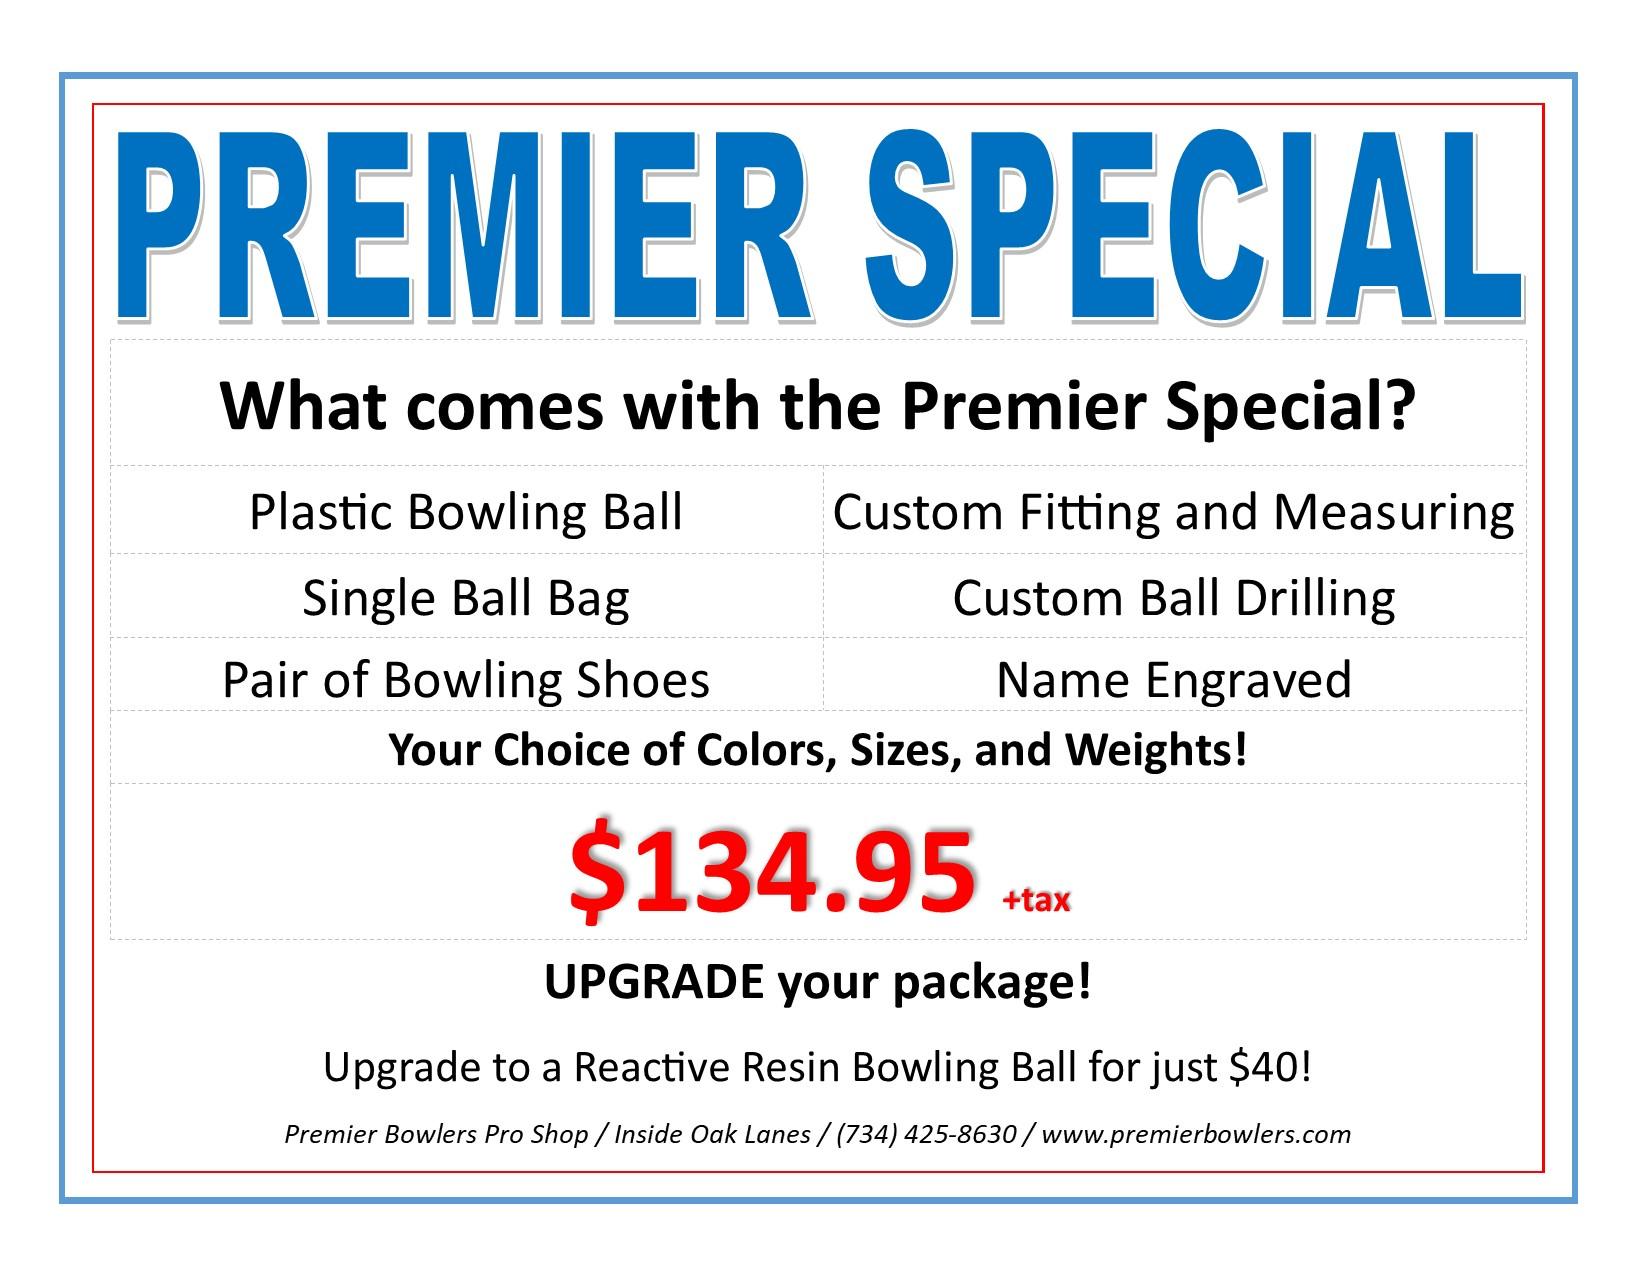 Metro Detroit Pro Shop, Premier Bowling Lessons, Coaching